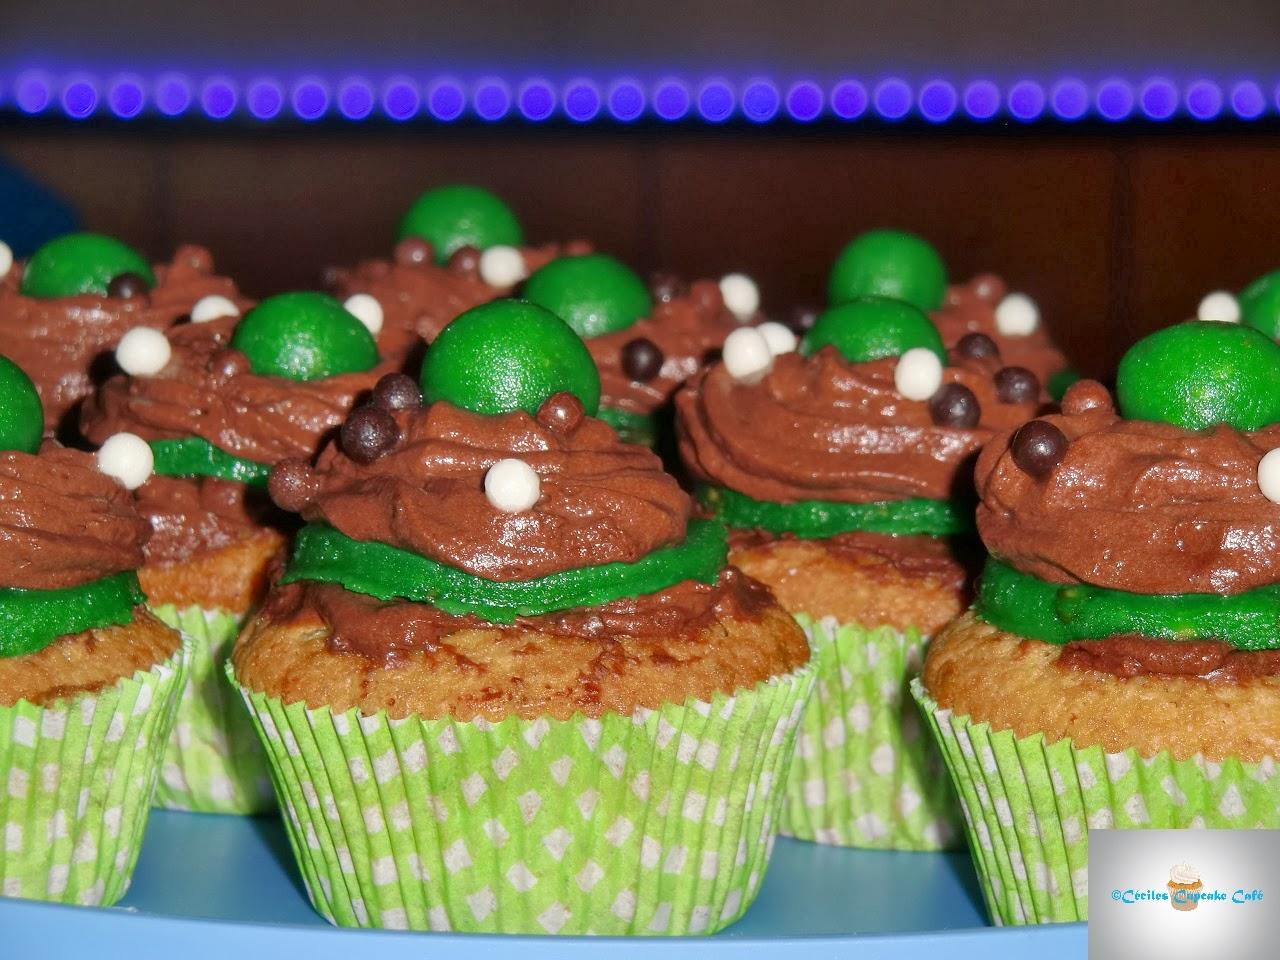 http://cecilecupcakecafe.blogspot.de/2014/01/mozart-cupcakes.html